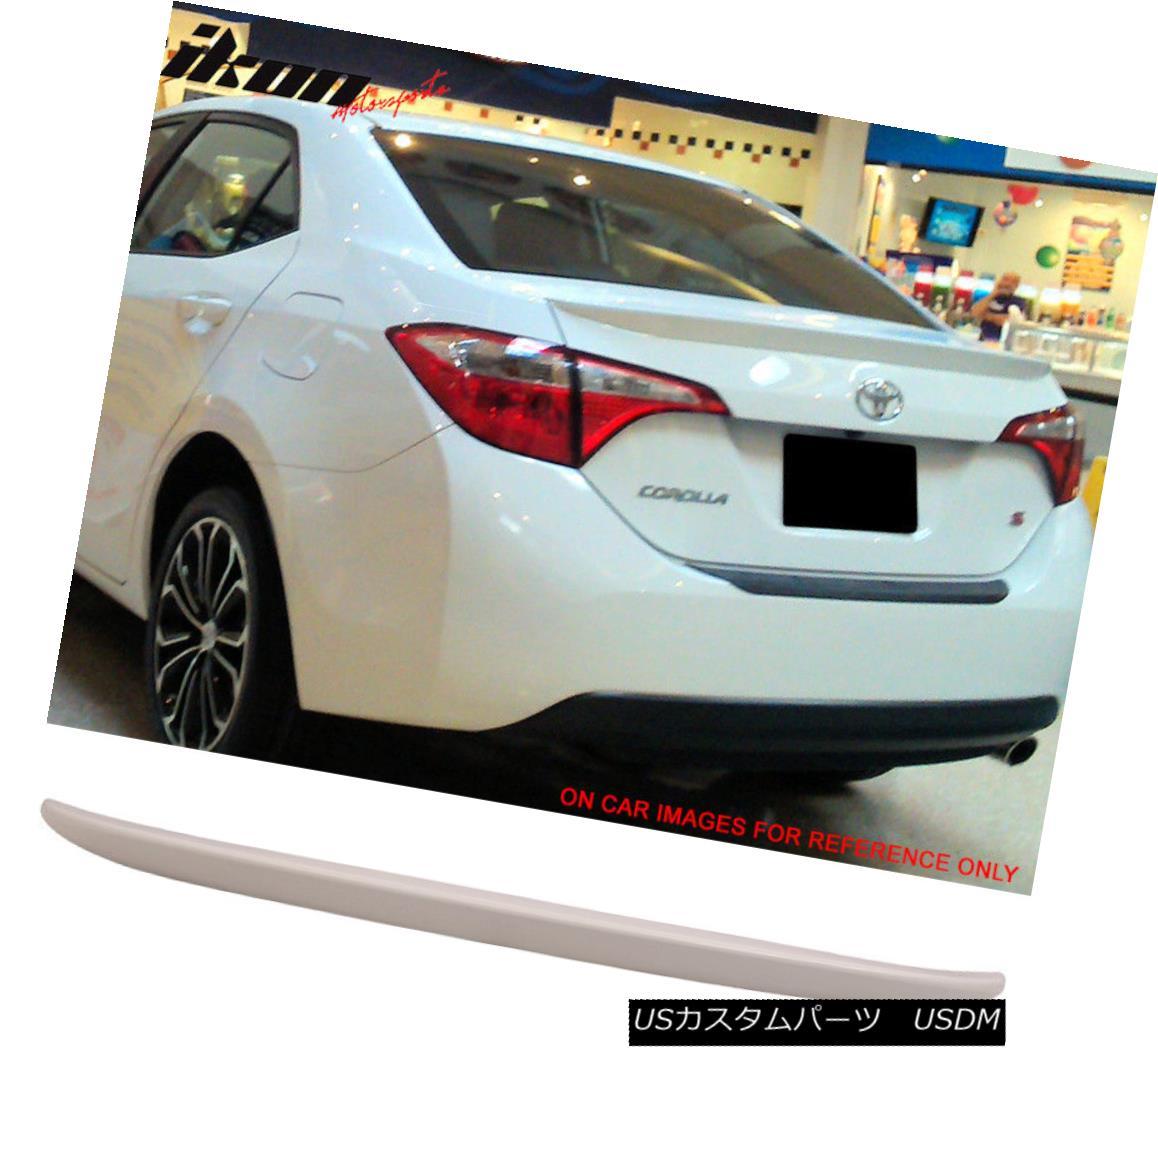 エアロパーツ For 14-17 Toyota Corolla OE Style Trunk Spoiler Wing Painted #040 Super White II 14-17トヨタカローラOEスタイルトランク・スポイラーウイング・ペイント#040スーパーホワイトII